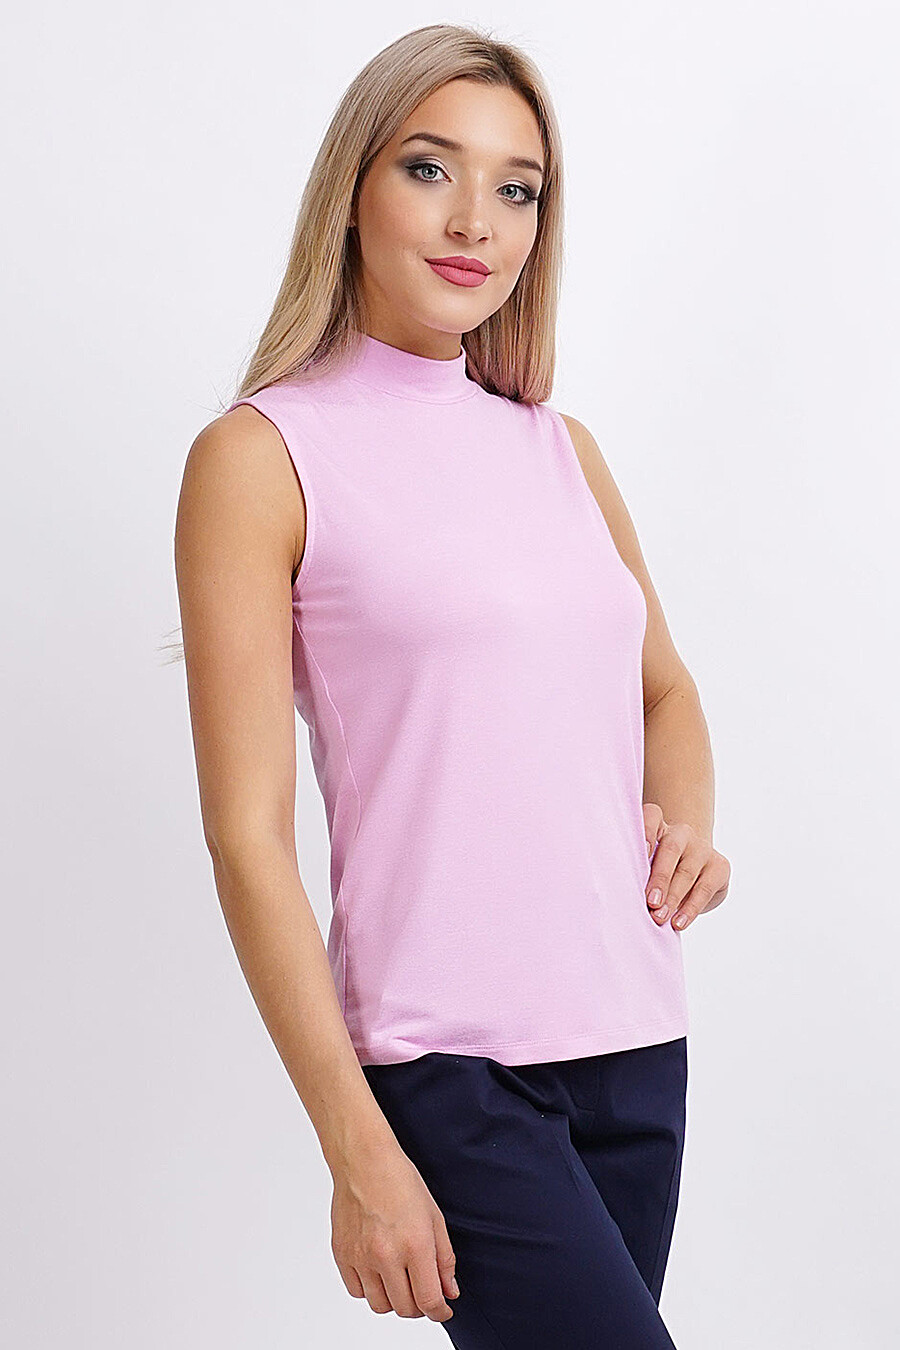 Топ для женщин CLEVER 155183 купить оптом от производителя. Совместная покупка женской одежды в OptMoyo